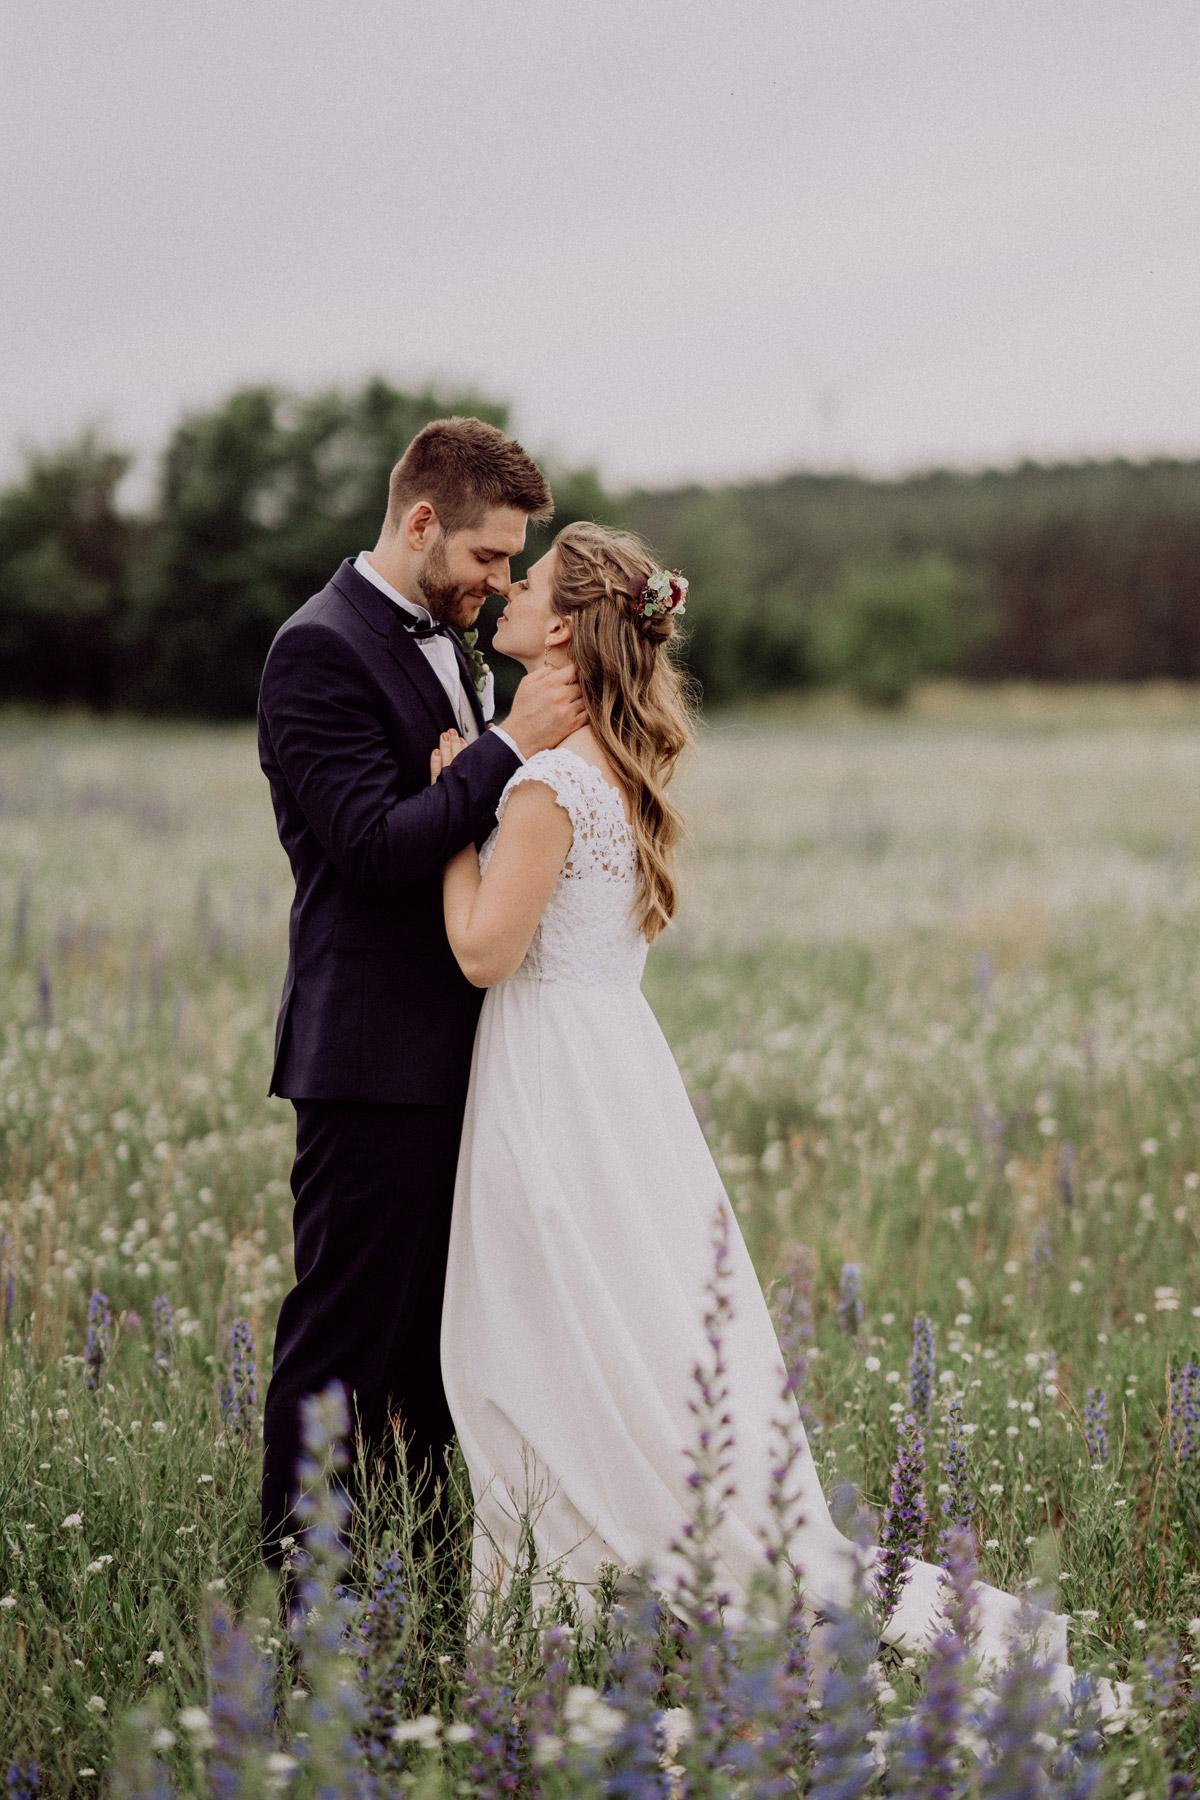 Hochzeit Bilder in Natur, Paarshooting auf Wiese mit Wildblumen, Brautpaar steht Nase an Nase und kuschelt miteinander ganzer Körper ist zu sehen